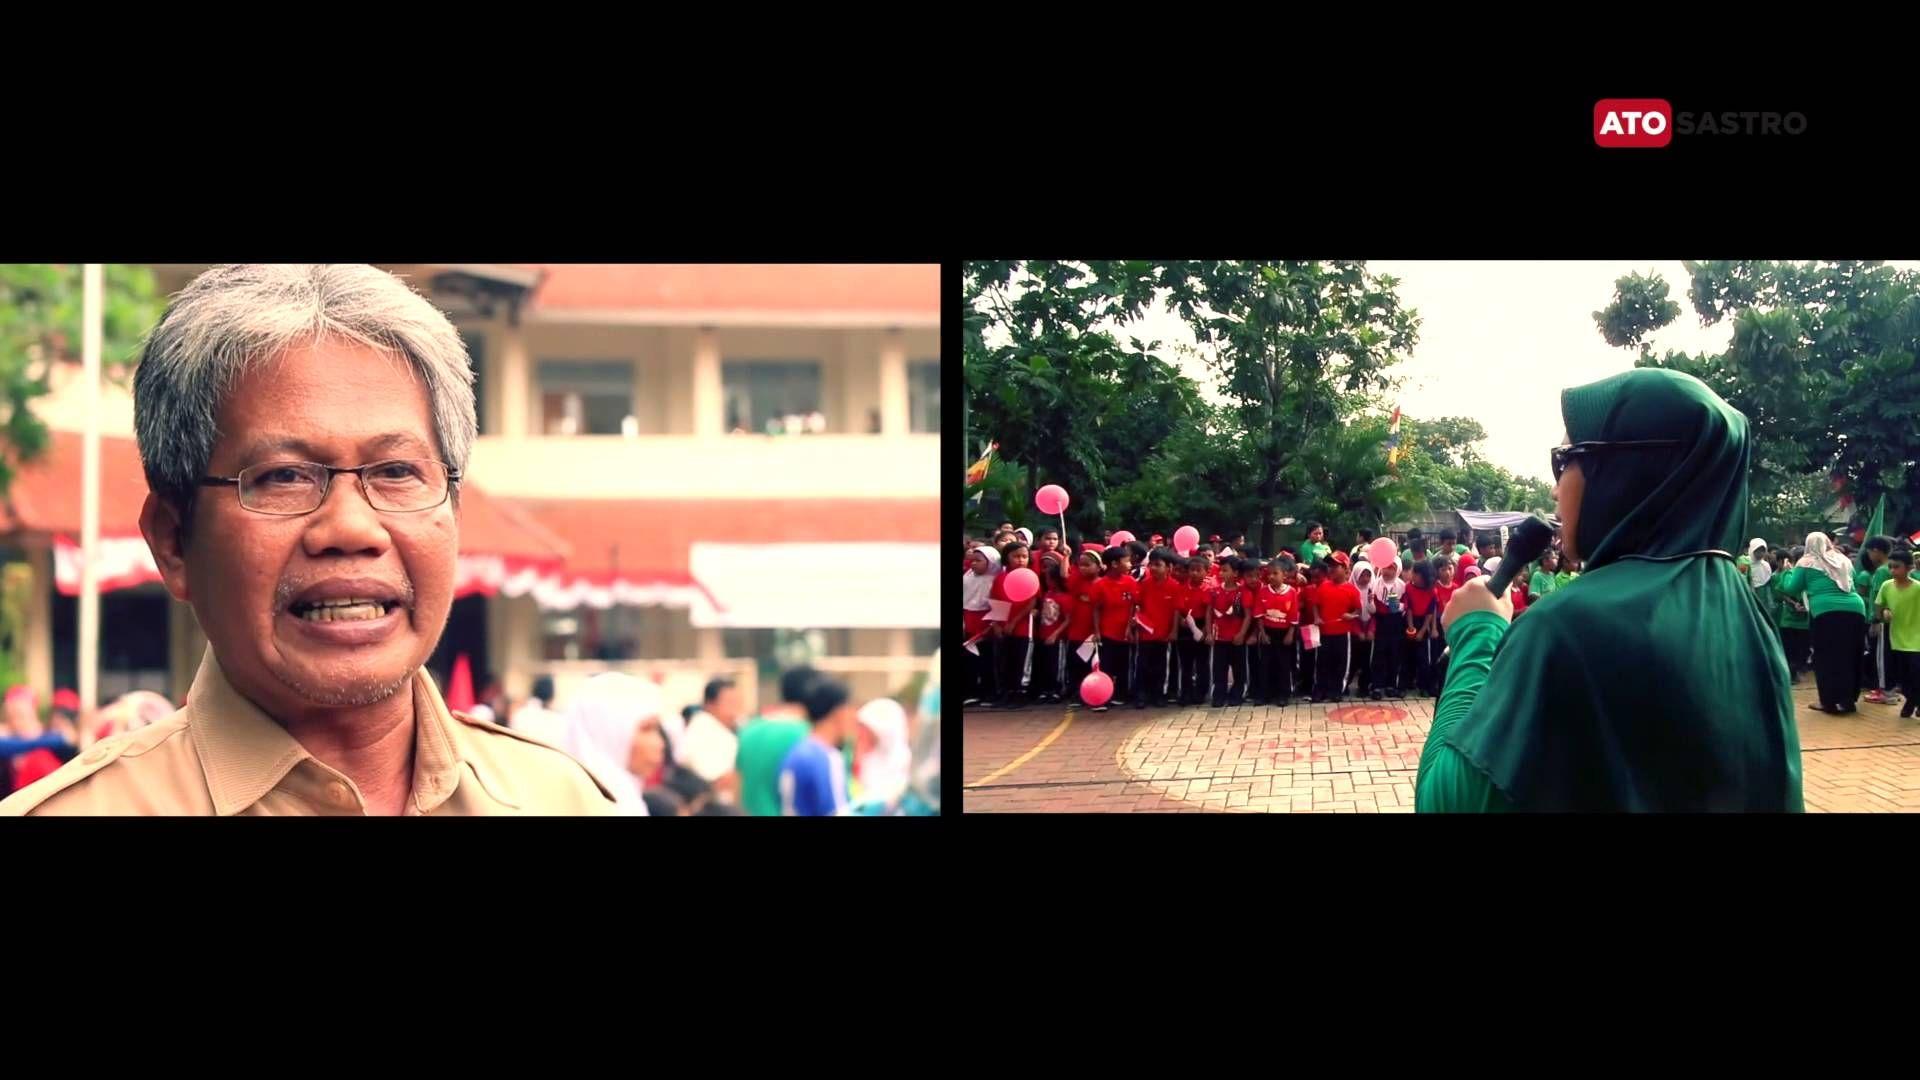 Memaknai Hari Kemerdekaan bersama Bapak Narsum kepala SDN Pondok Kacang Barat 03